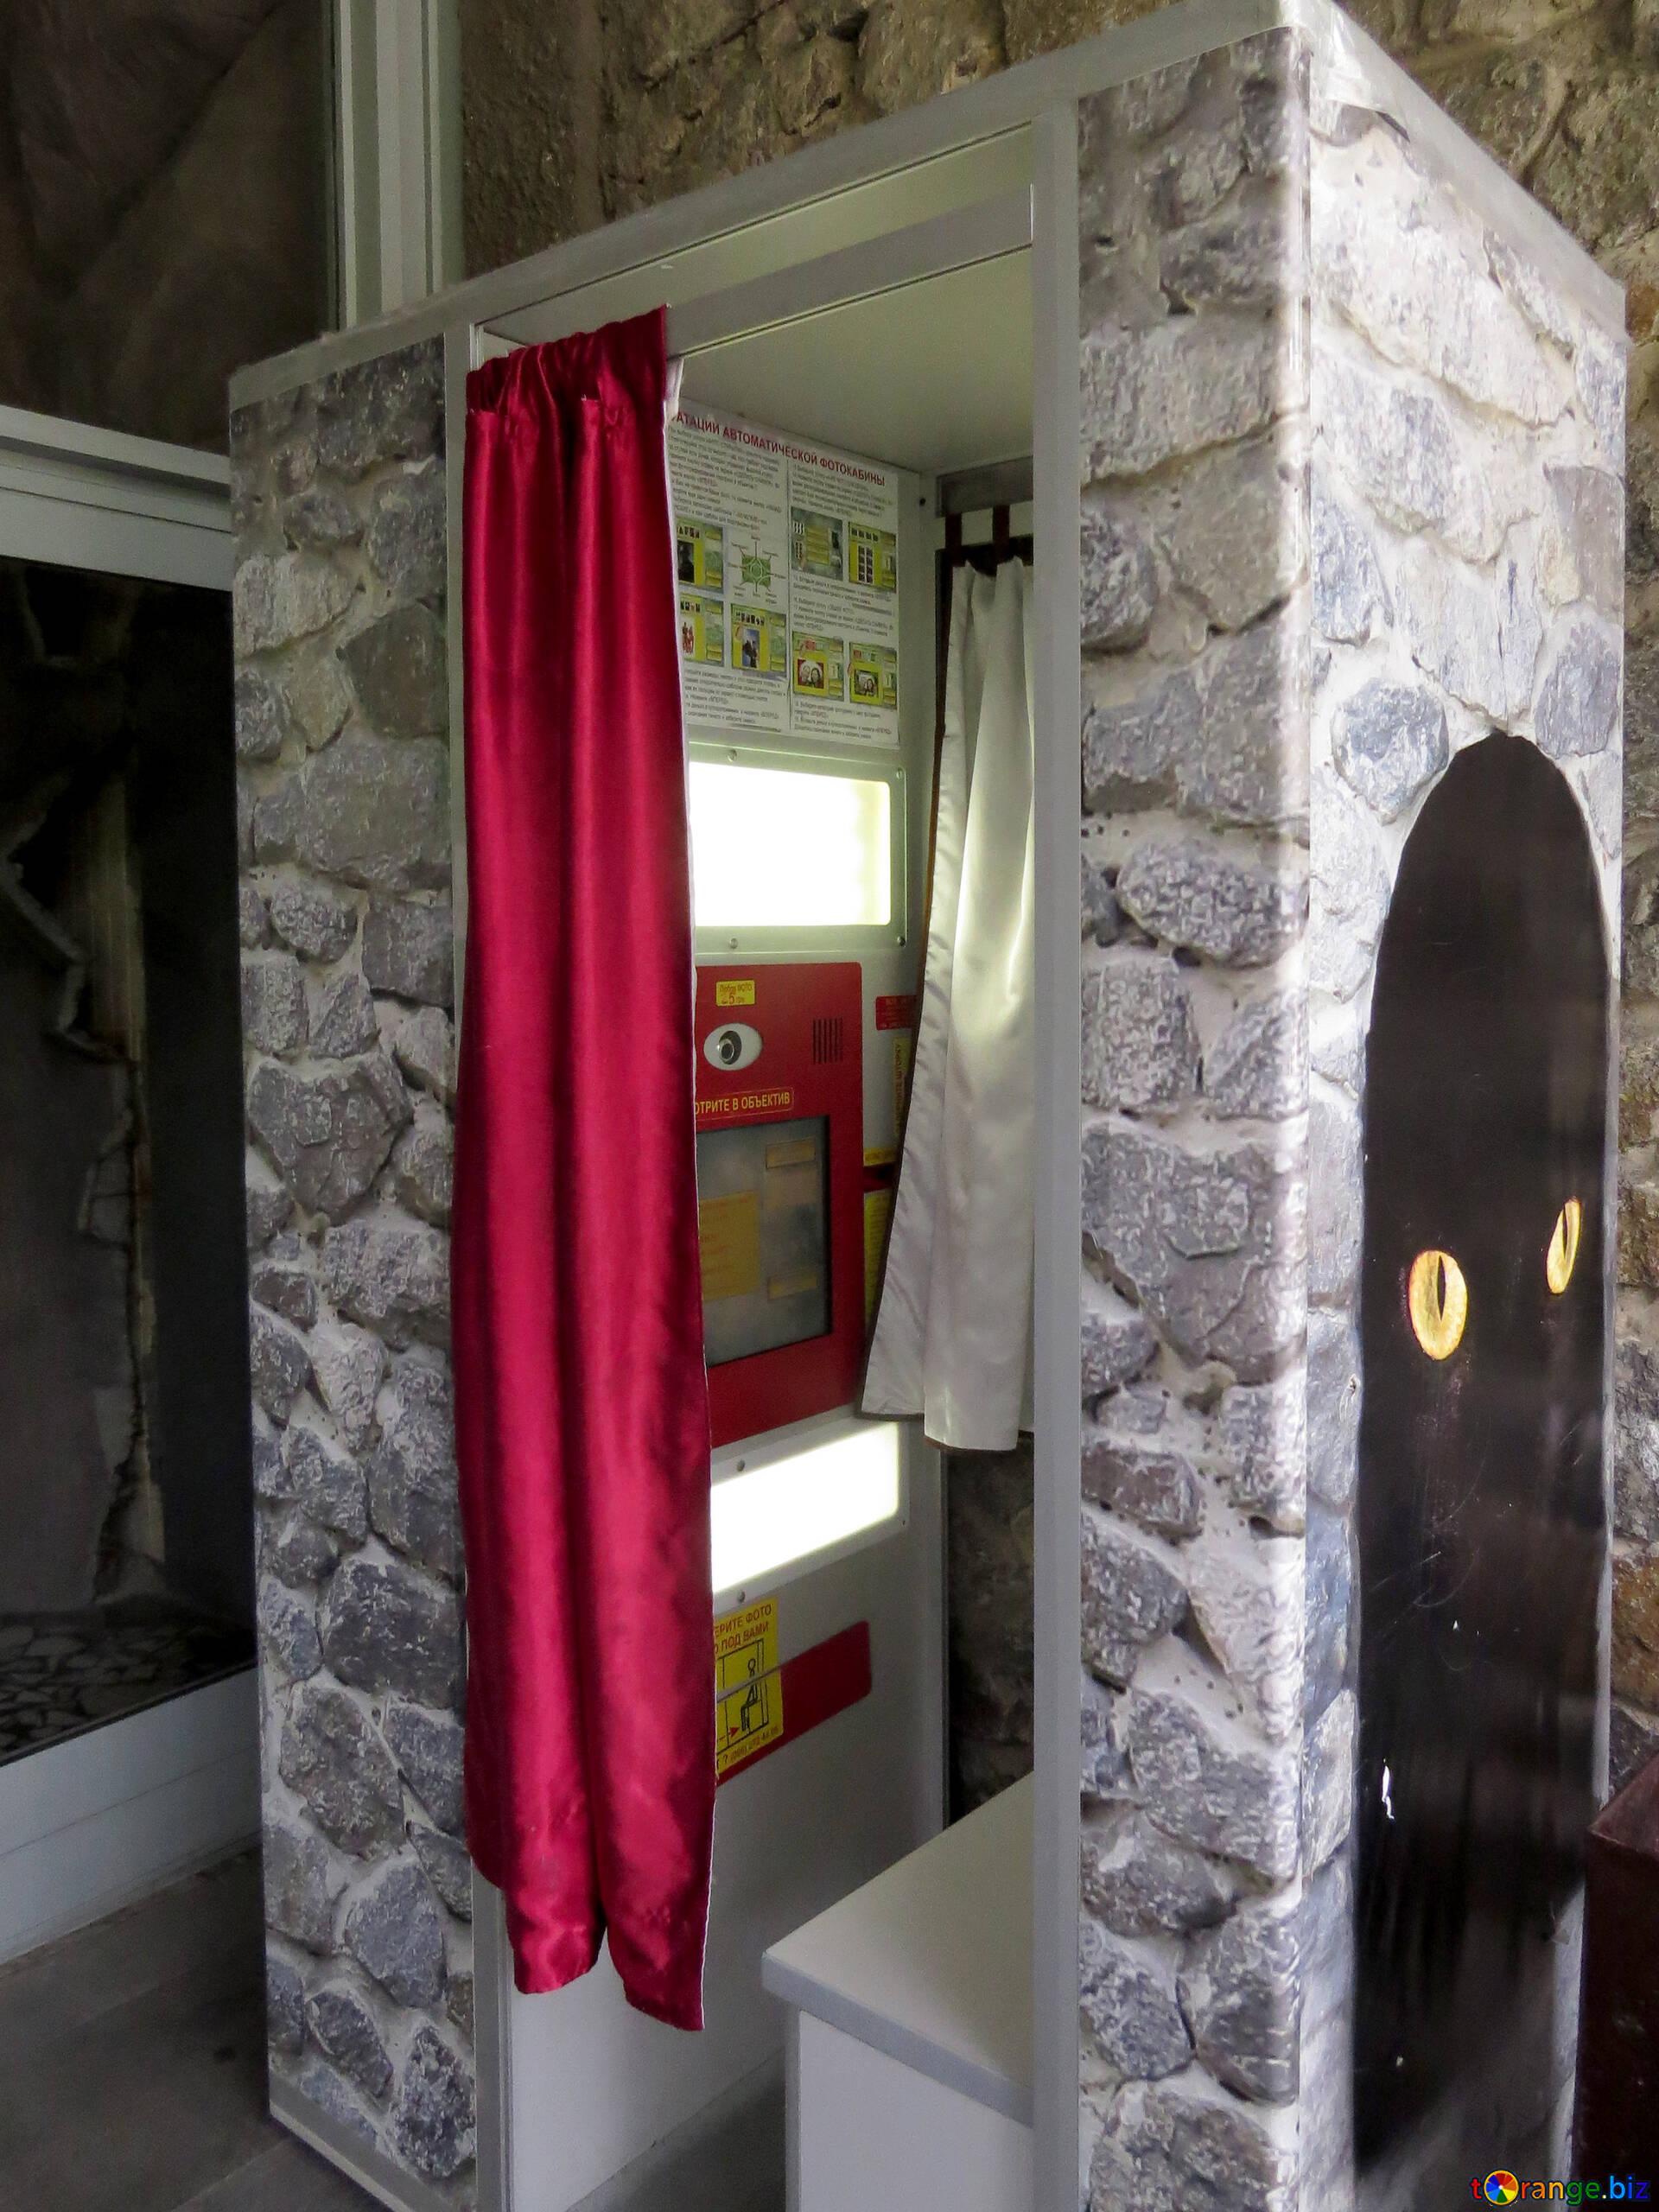 Máquinas expendedoras de más edad cabina de fotos venta № 44997